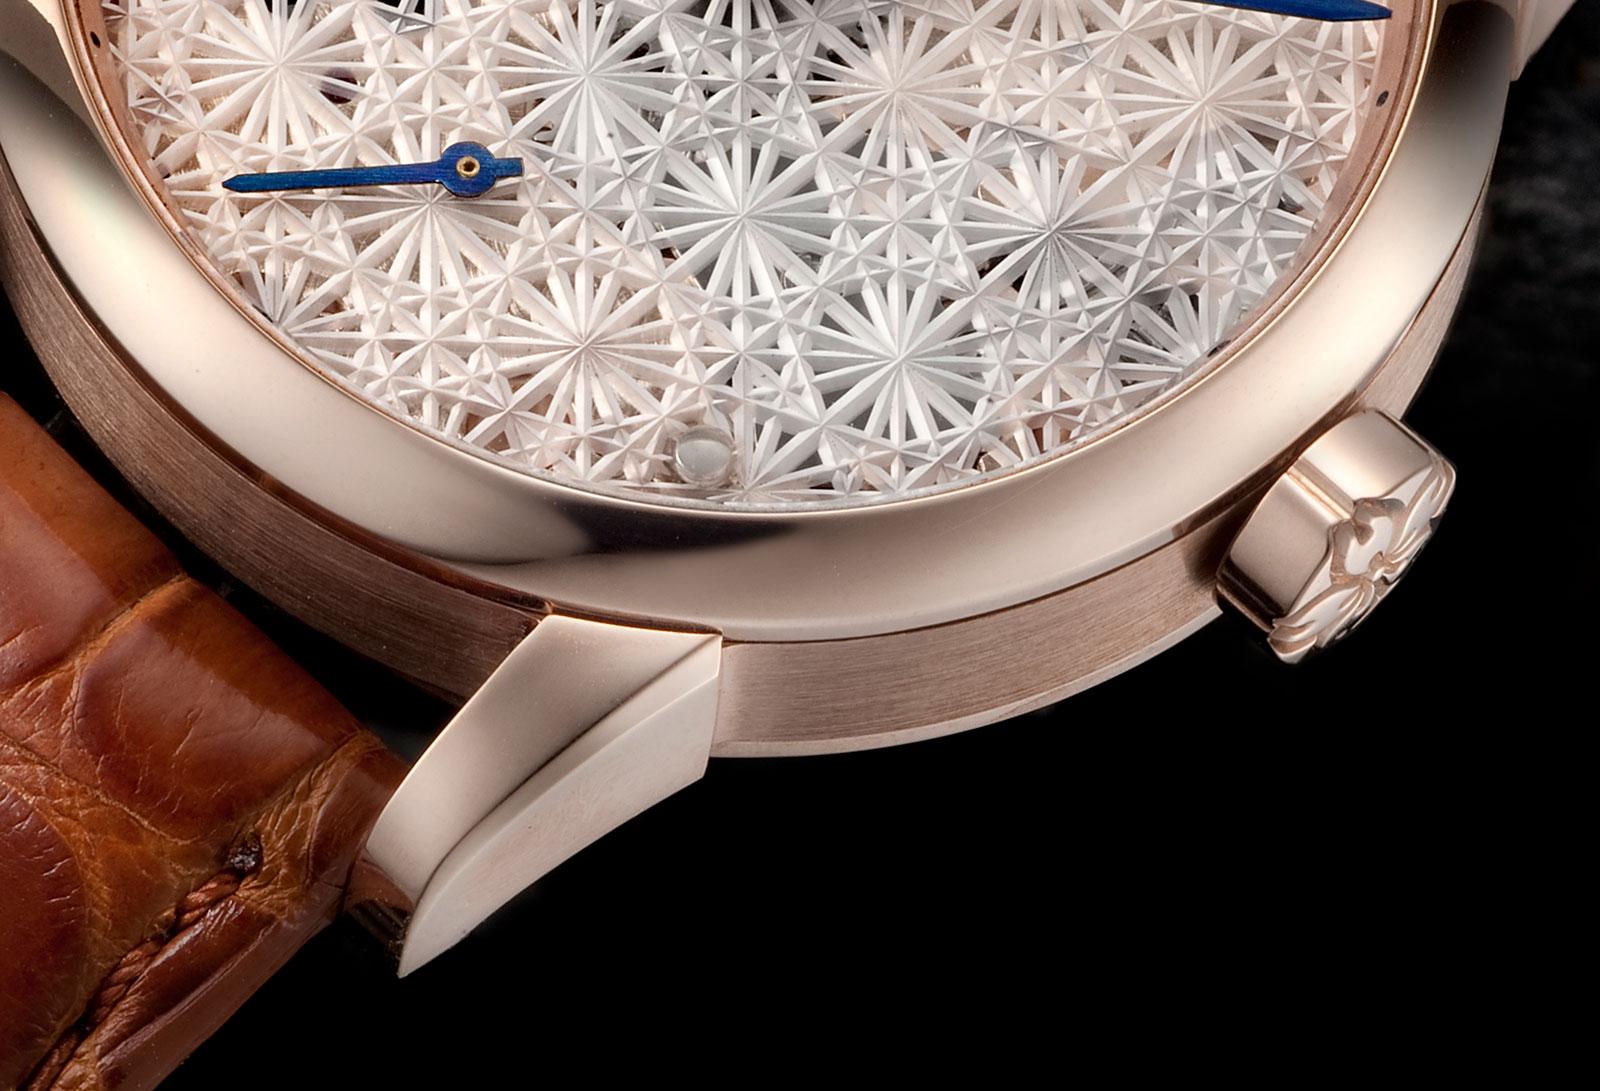 Daizoh Makihara sakura glass watch 2